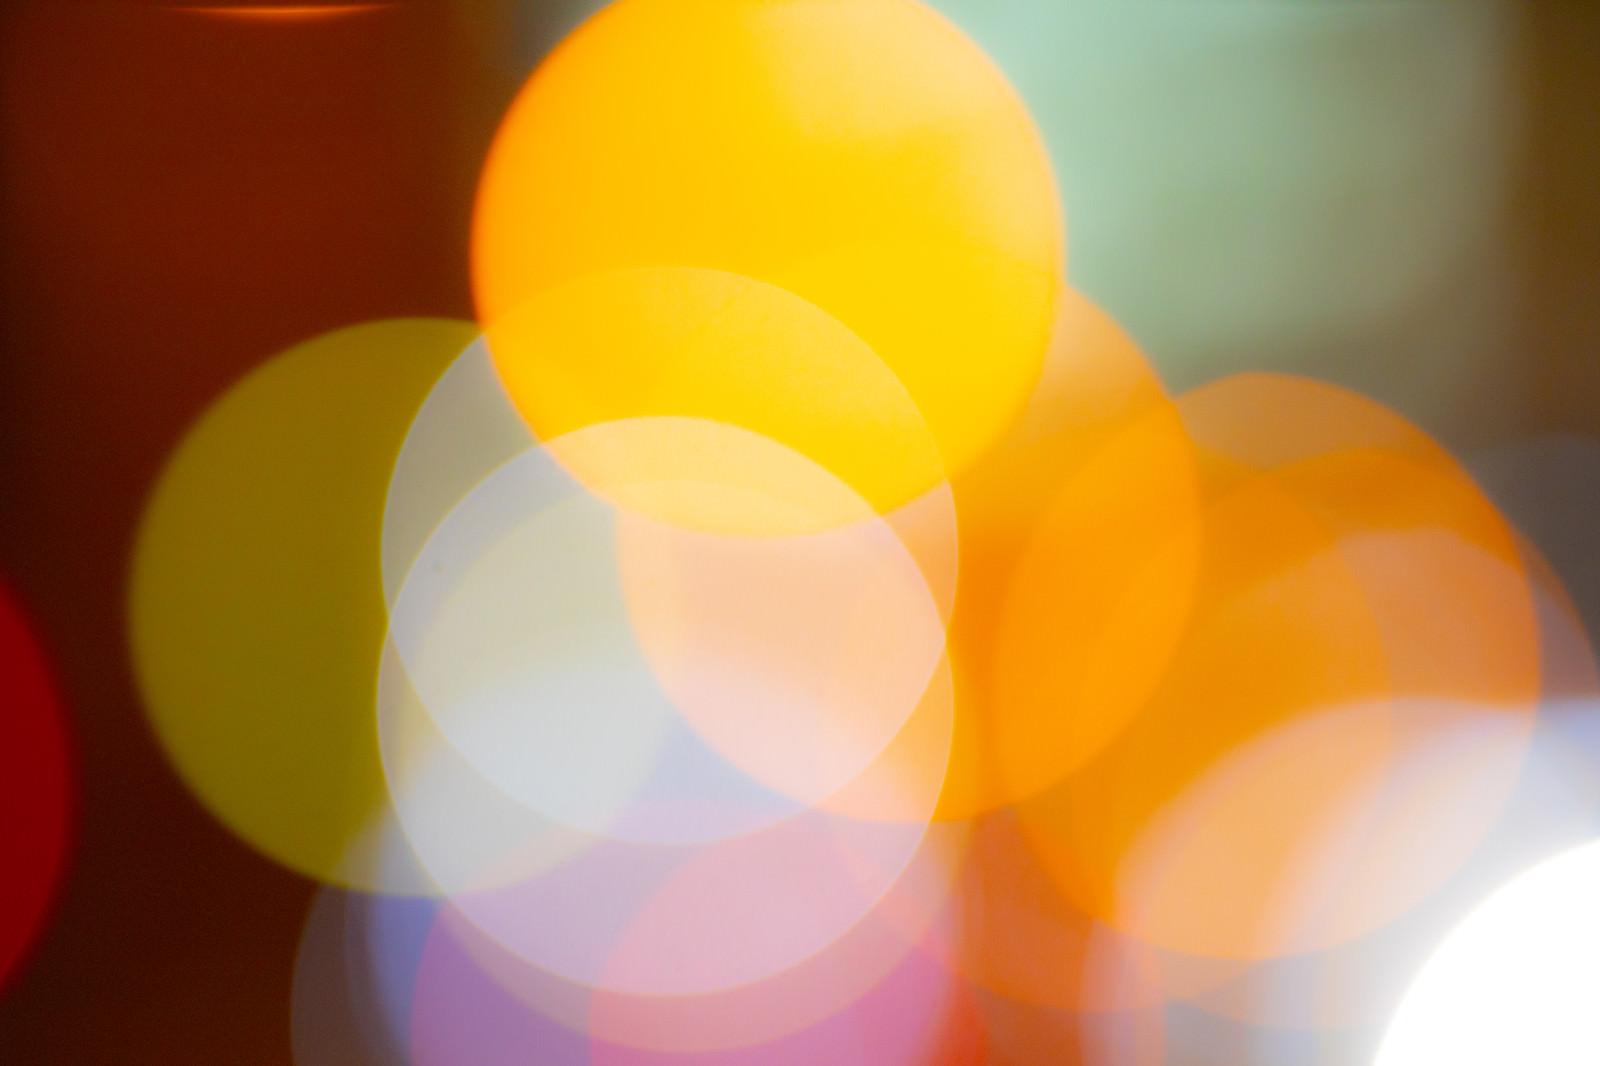 「カラフルな光の丸ボケが混じり合う(テクスチャ)」の写真